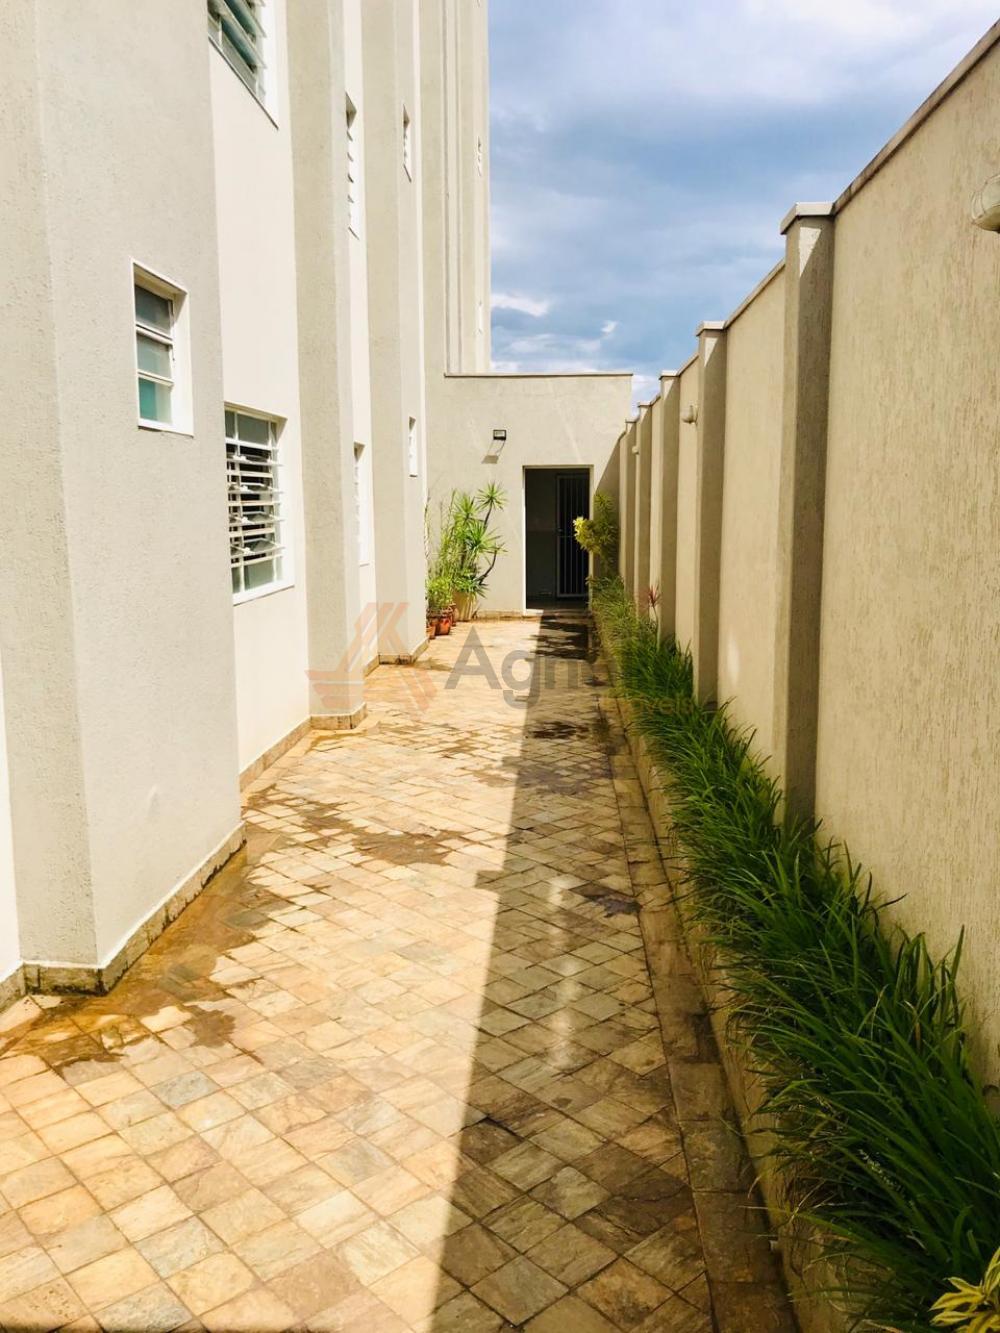 Comprar Apartamento / Padrão em Franca apenas R$ 210.000,00 - Foto 2